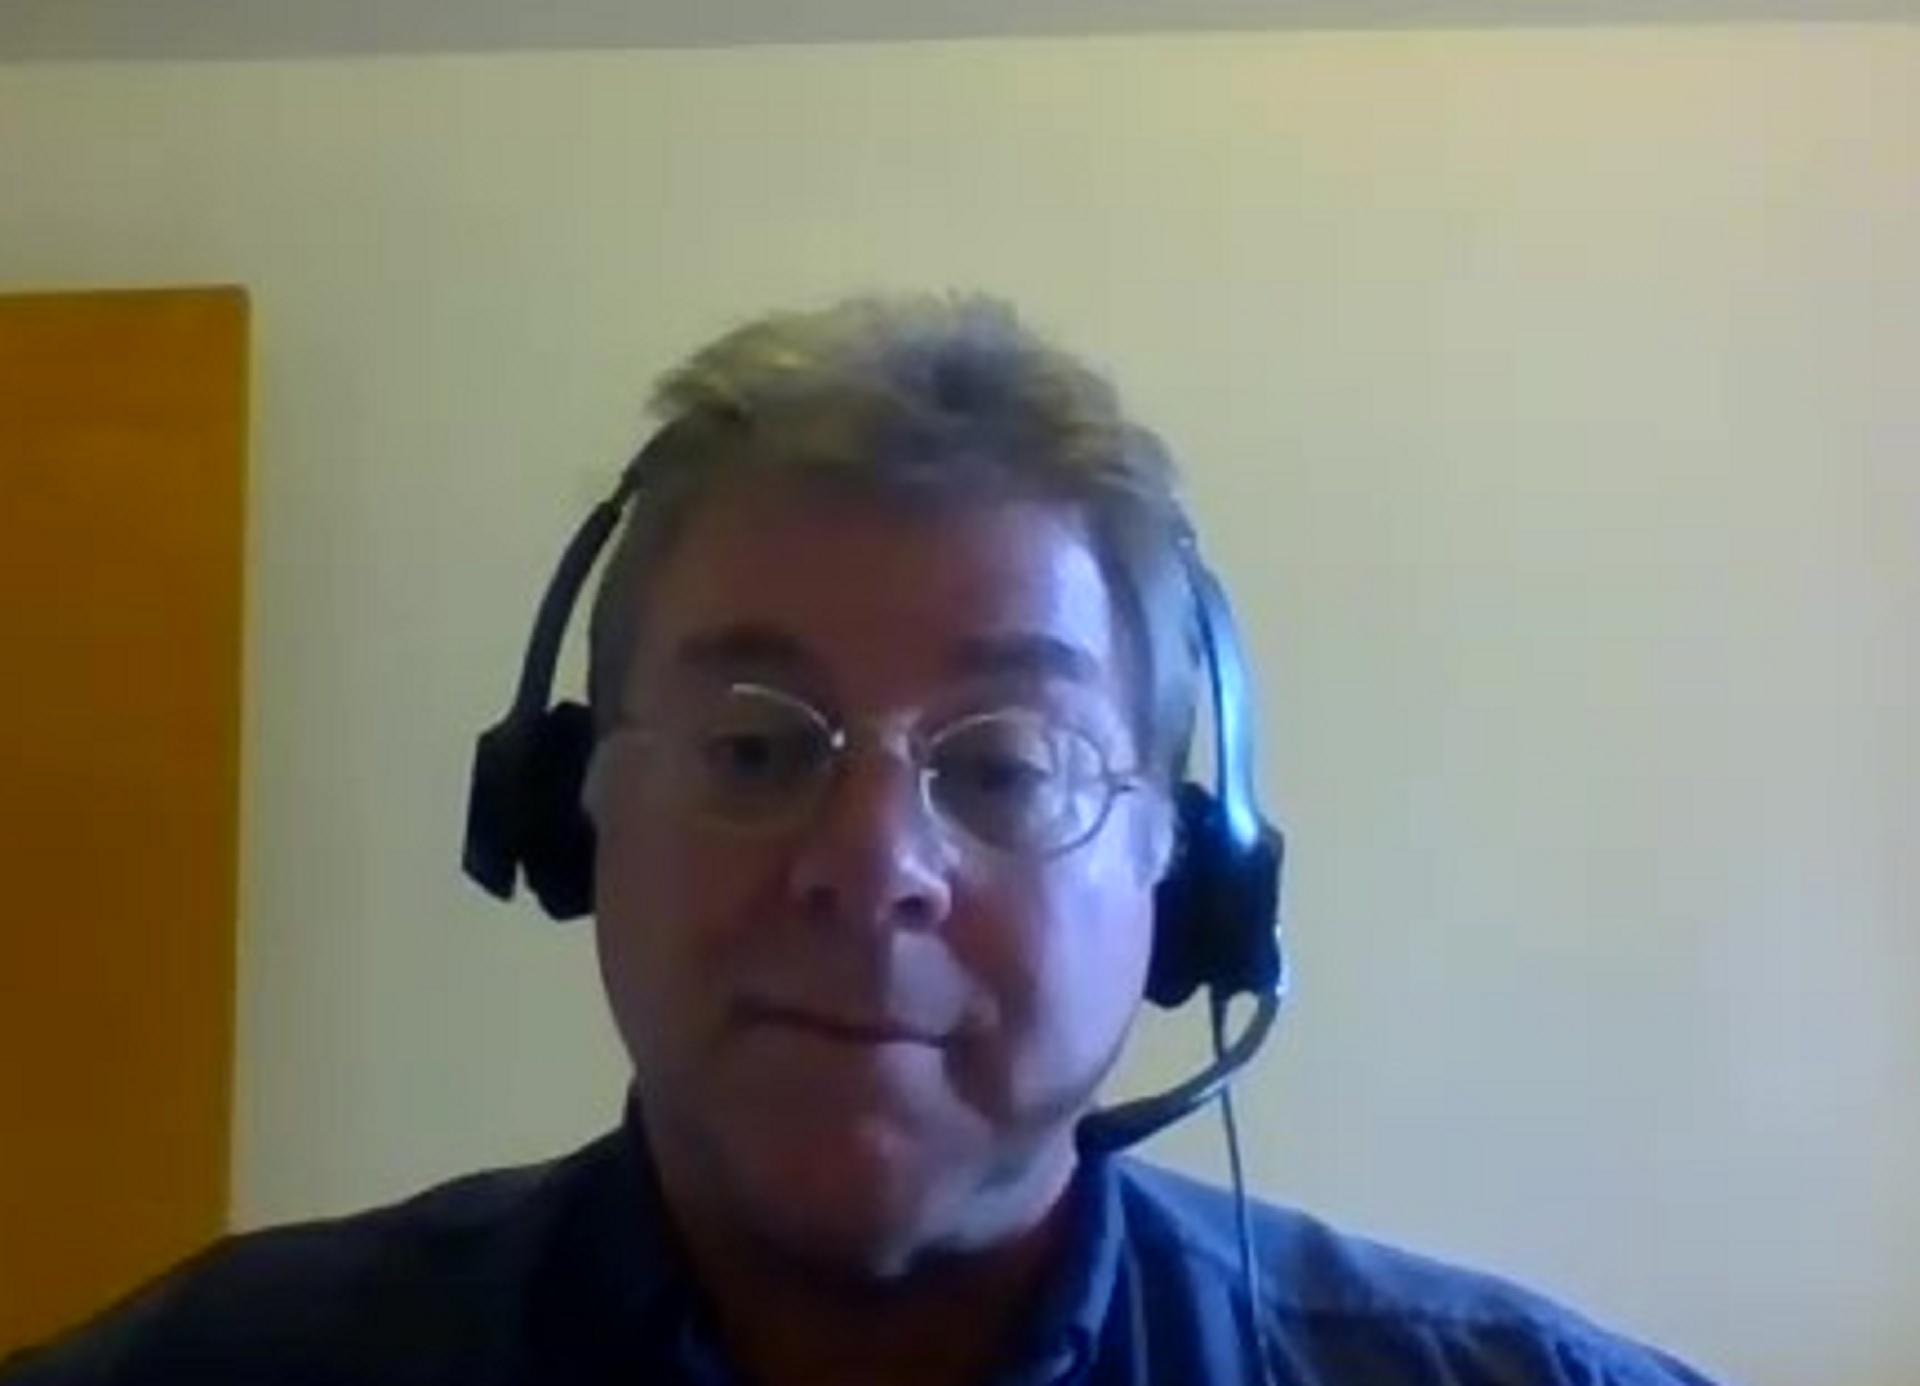 a video chat screenshot of an Asian man wearing a headset